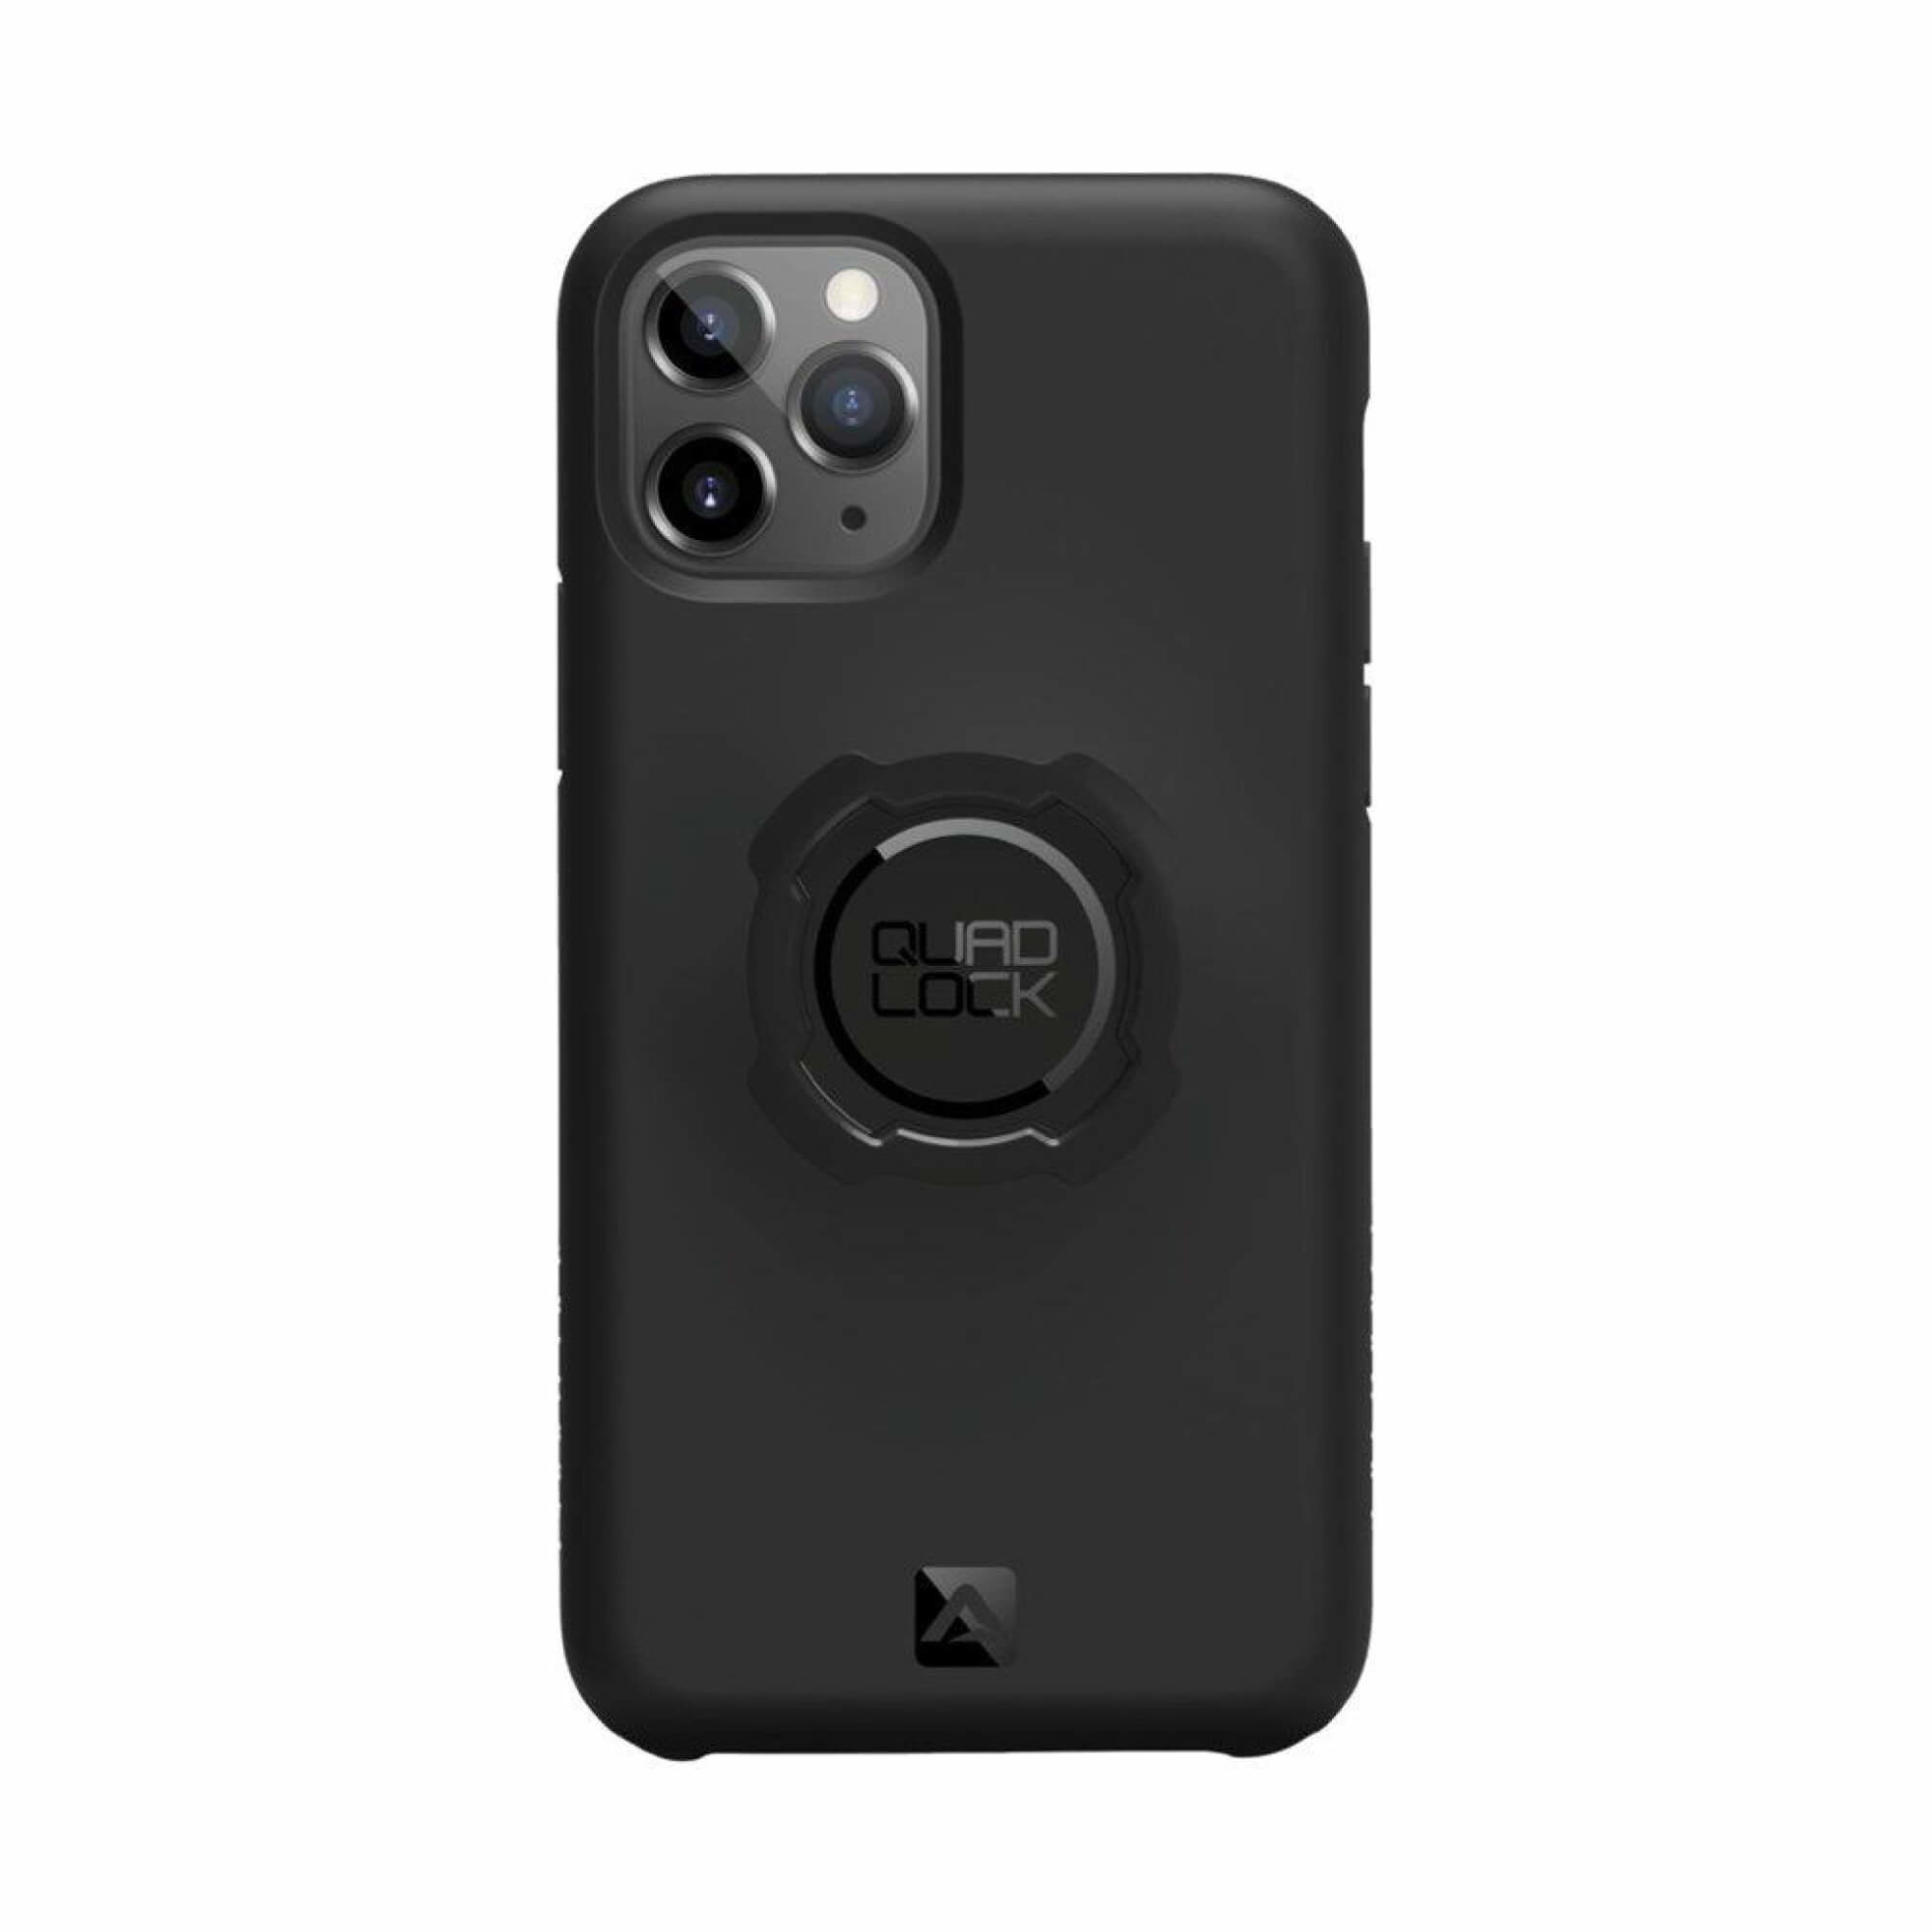 Case Iphone 11 Pro Max-1